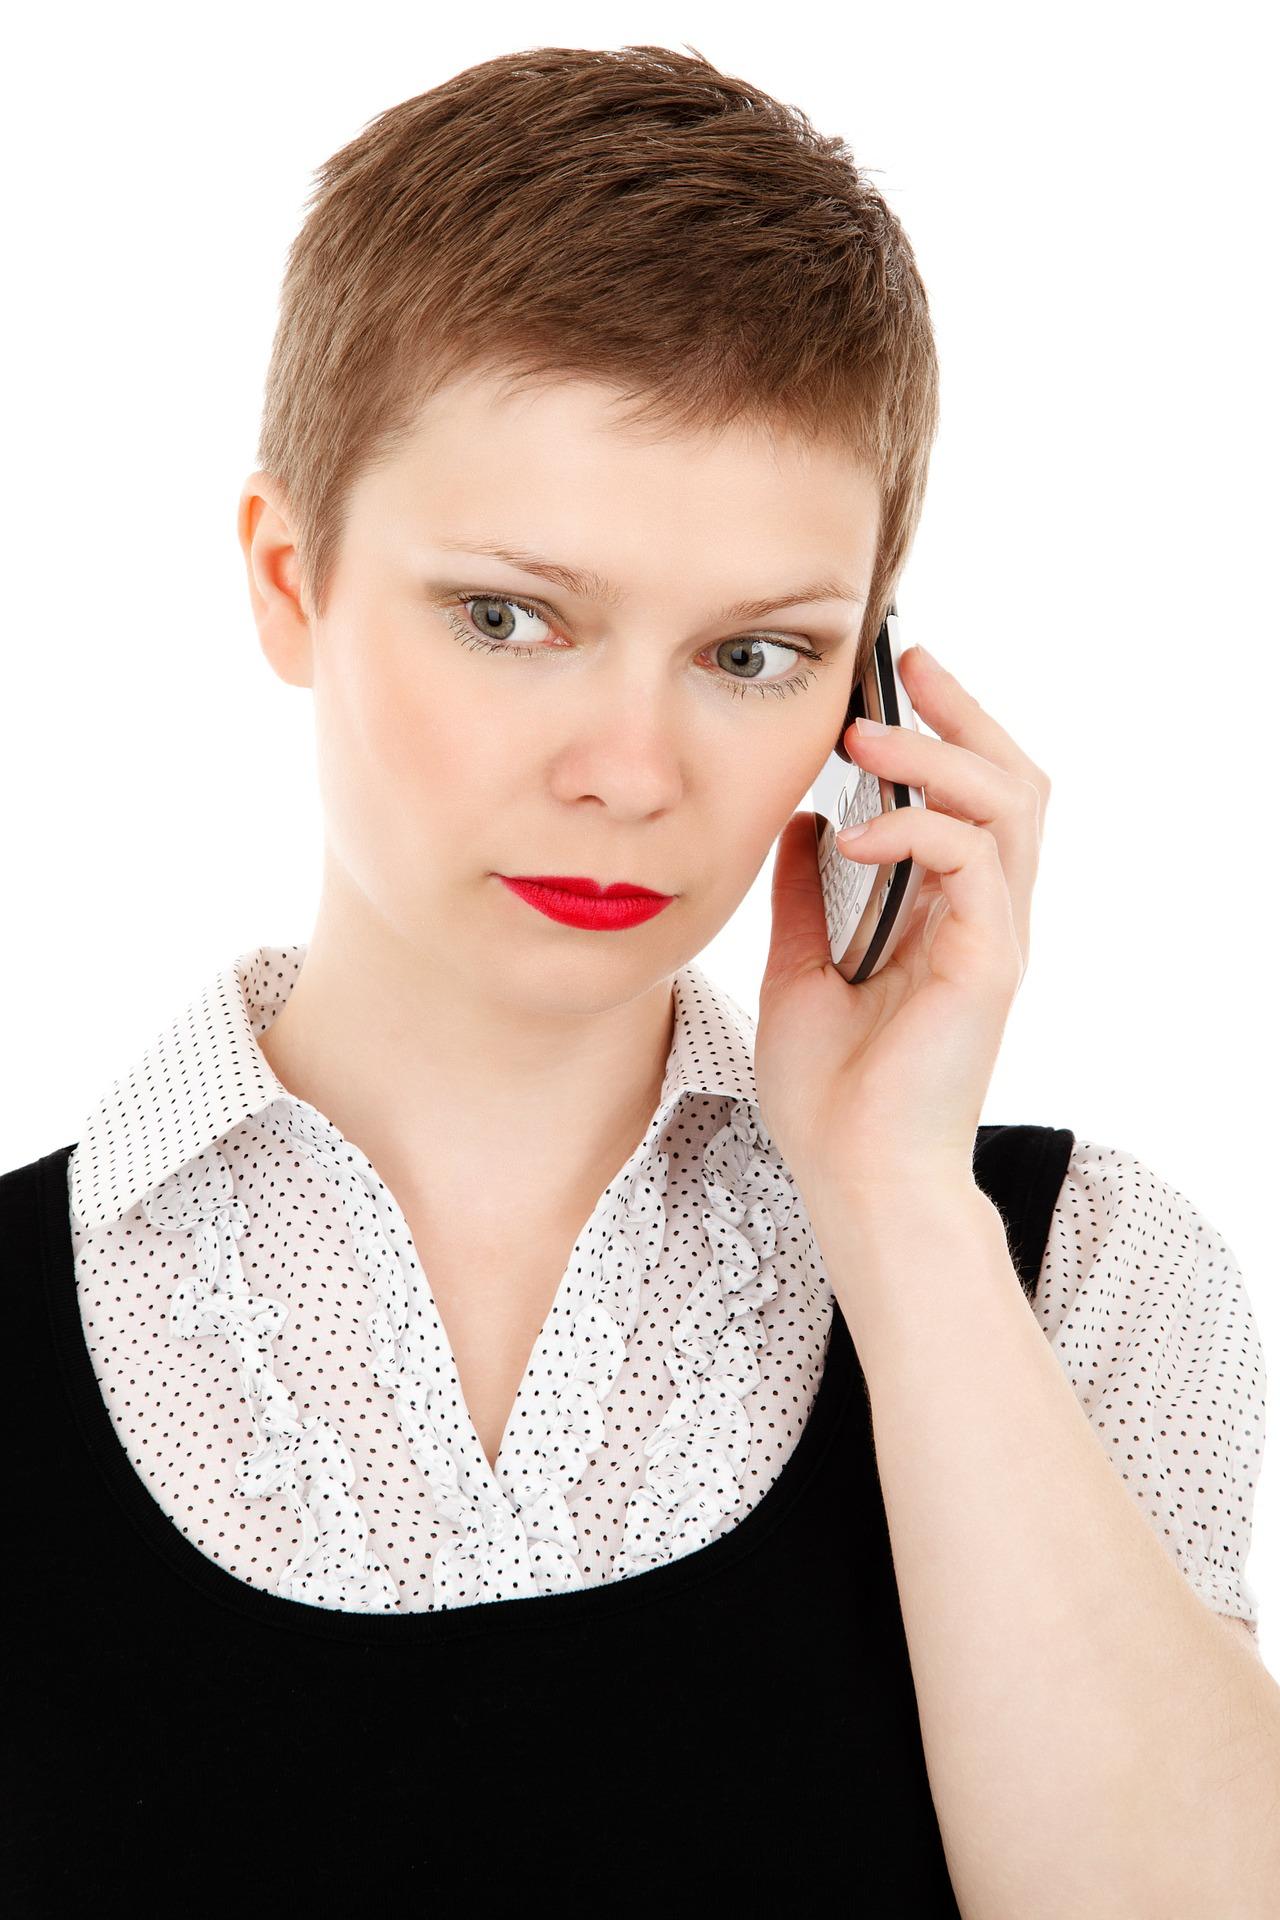 Kaltakquise Seminare Seminar Schulung Training Unternehmen Verkauf Verkaufsquoten Verkaufs-Weiterbildung Ulrike Knauer München Verkaufsexpertin Verkauf Workshop Telefon